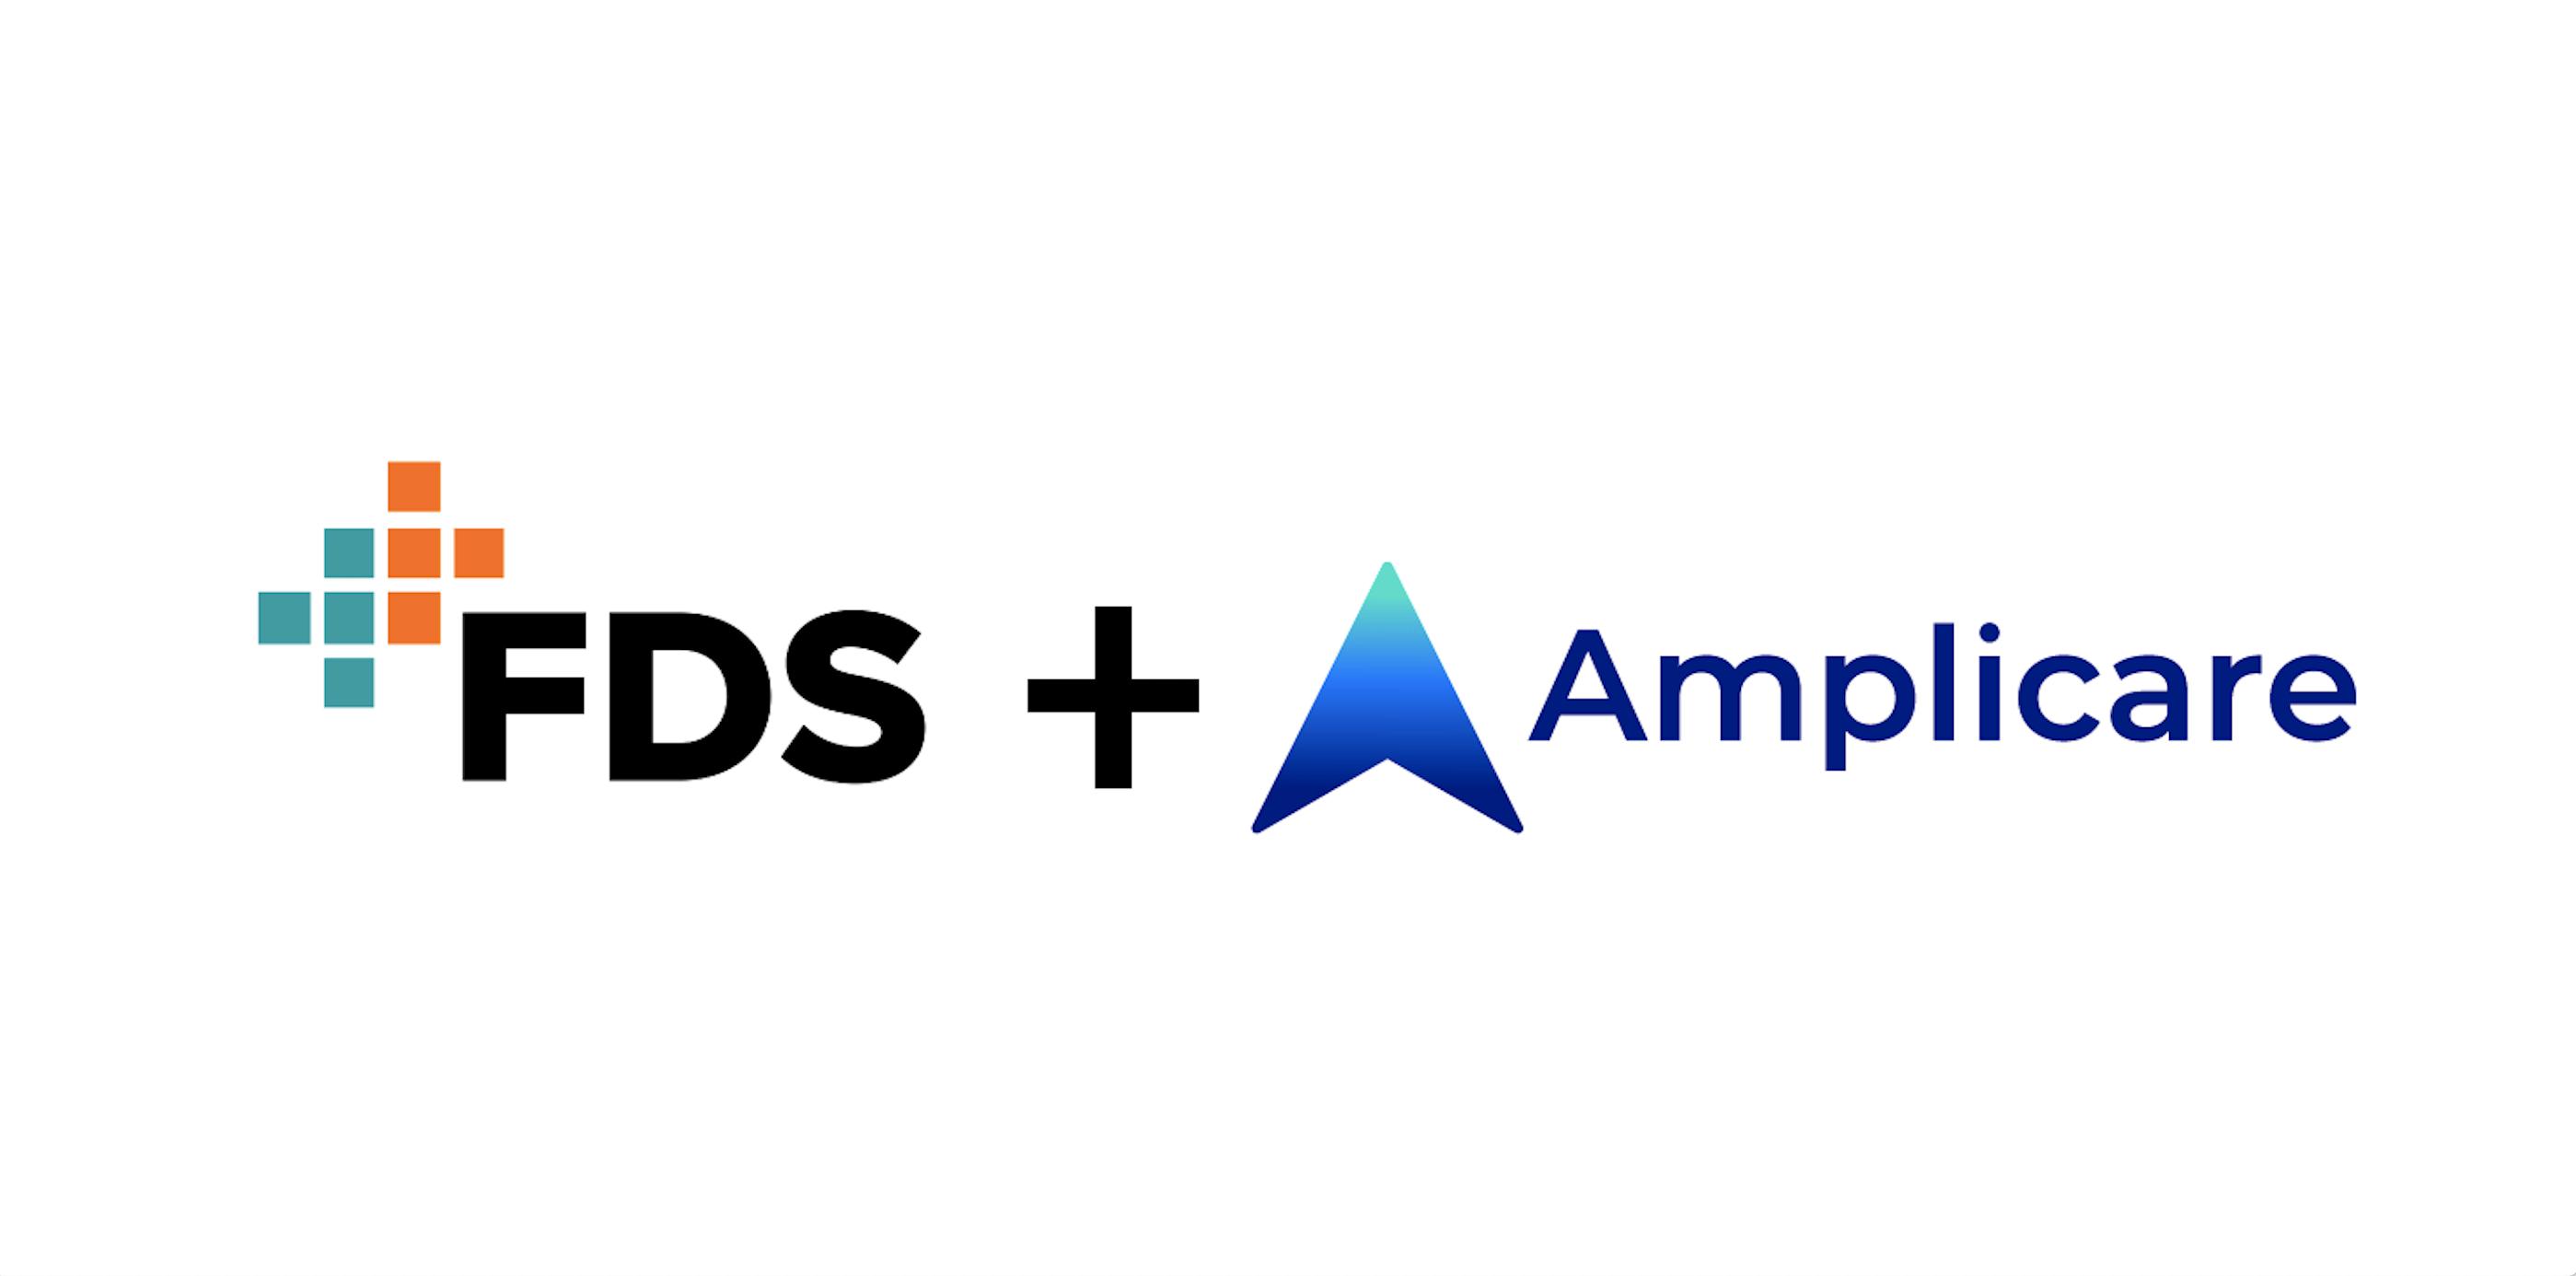 FDS+Amplicare